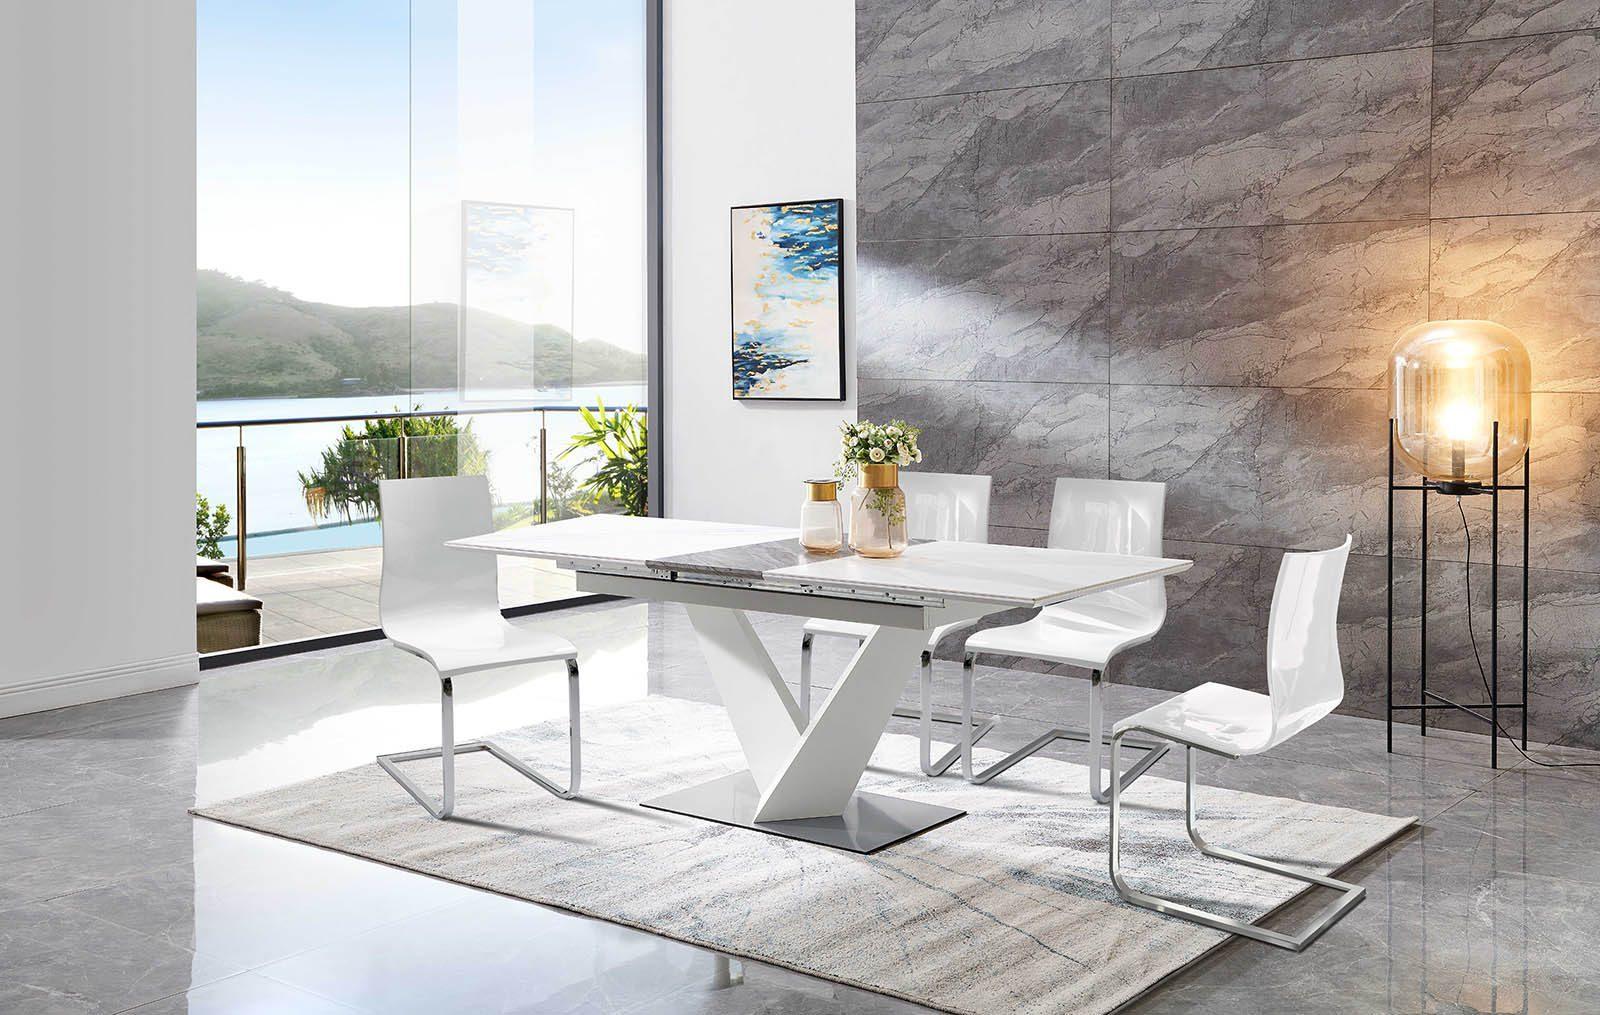 Стол EDT-CS01 серая керамика и стулья 1003 белые